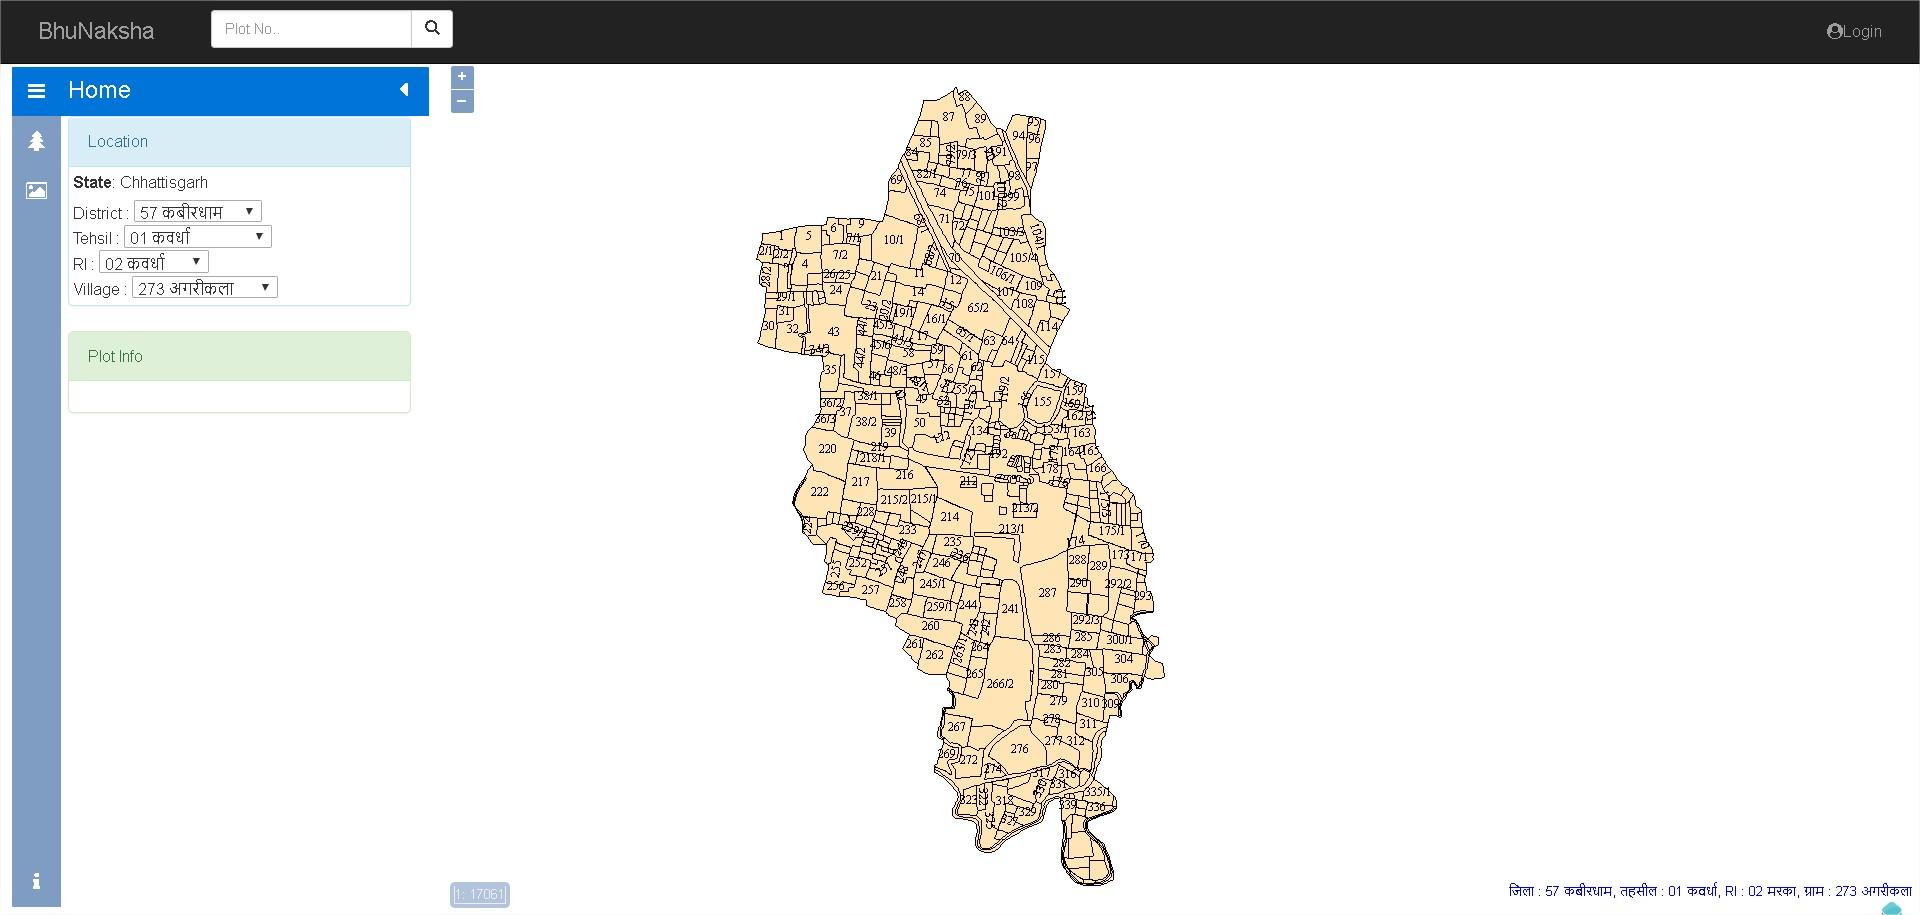 BhuNaksha CG Map Random